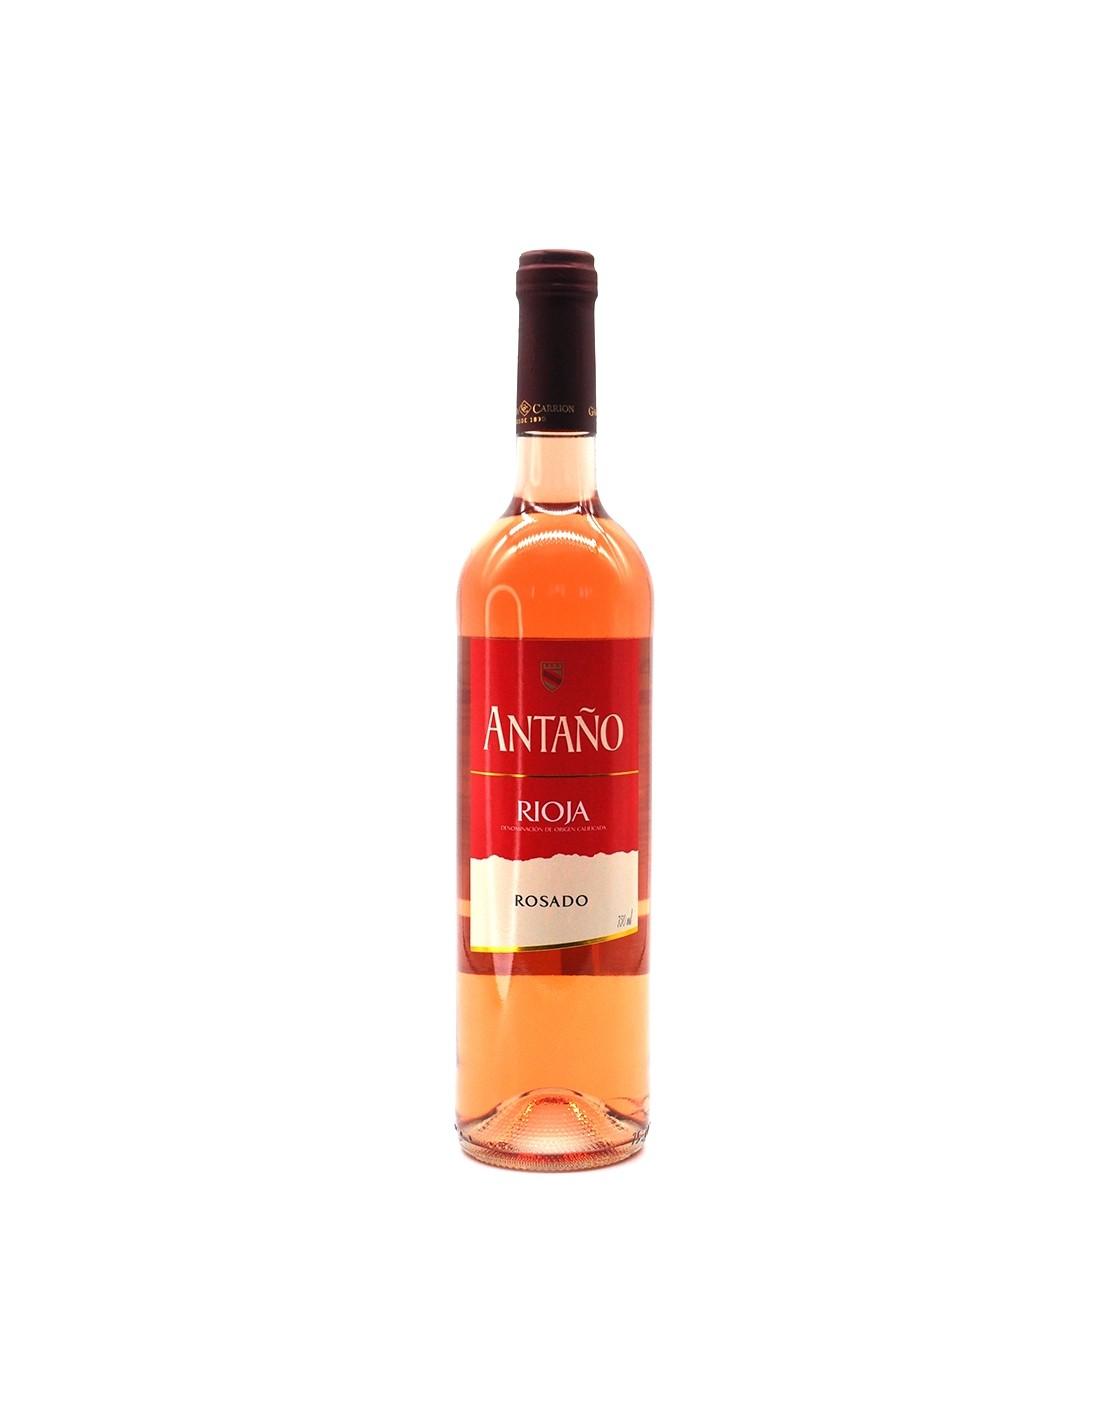 Vin roze Antano Rosado Rioja, 12% alc., 0.75L, Spania